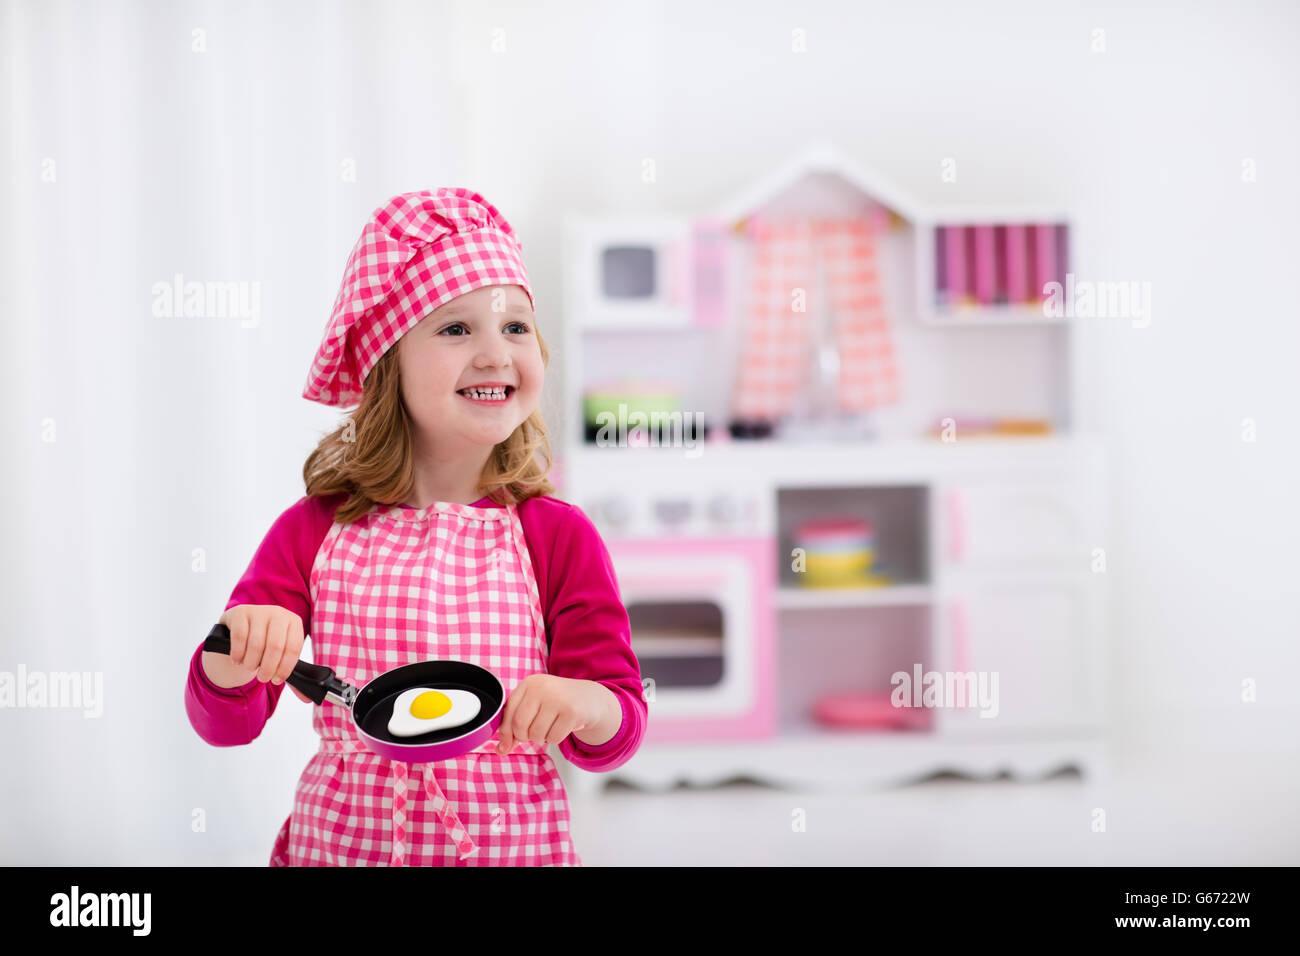 Ziemlich Jungen Spielen Küche Ideen - Ideen Für Die Küche Dekoration ...